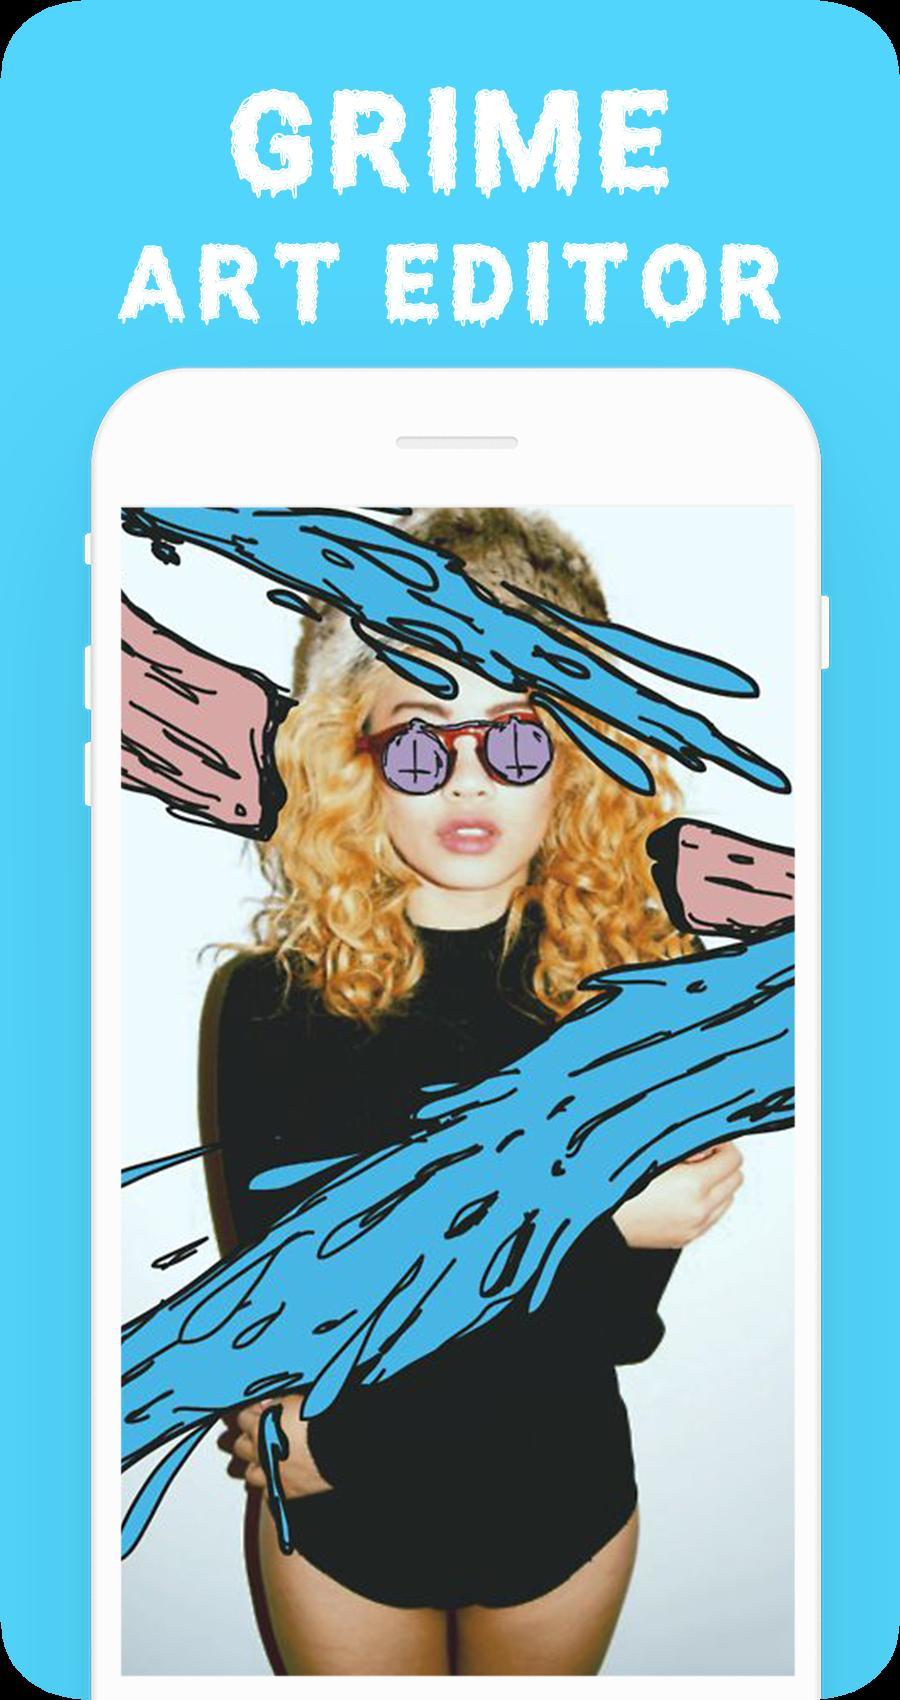 Download aplikasi android gratis game Grime Art Editor